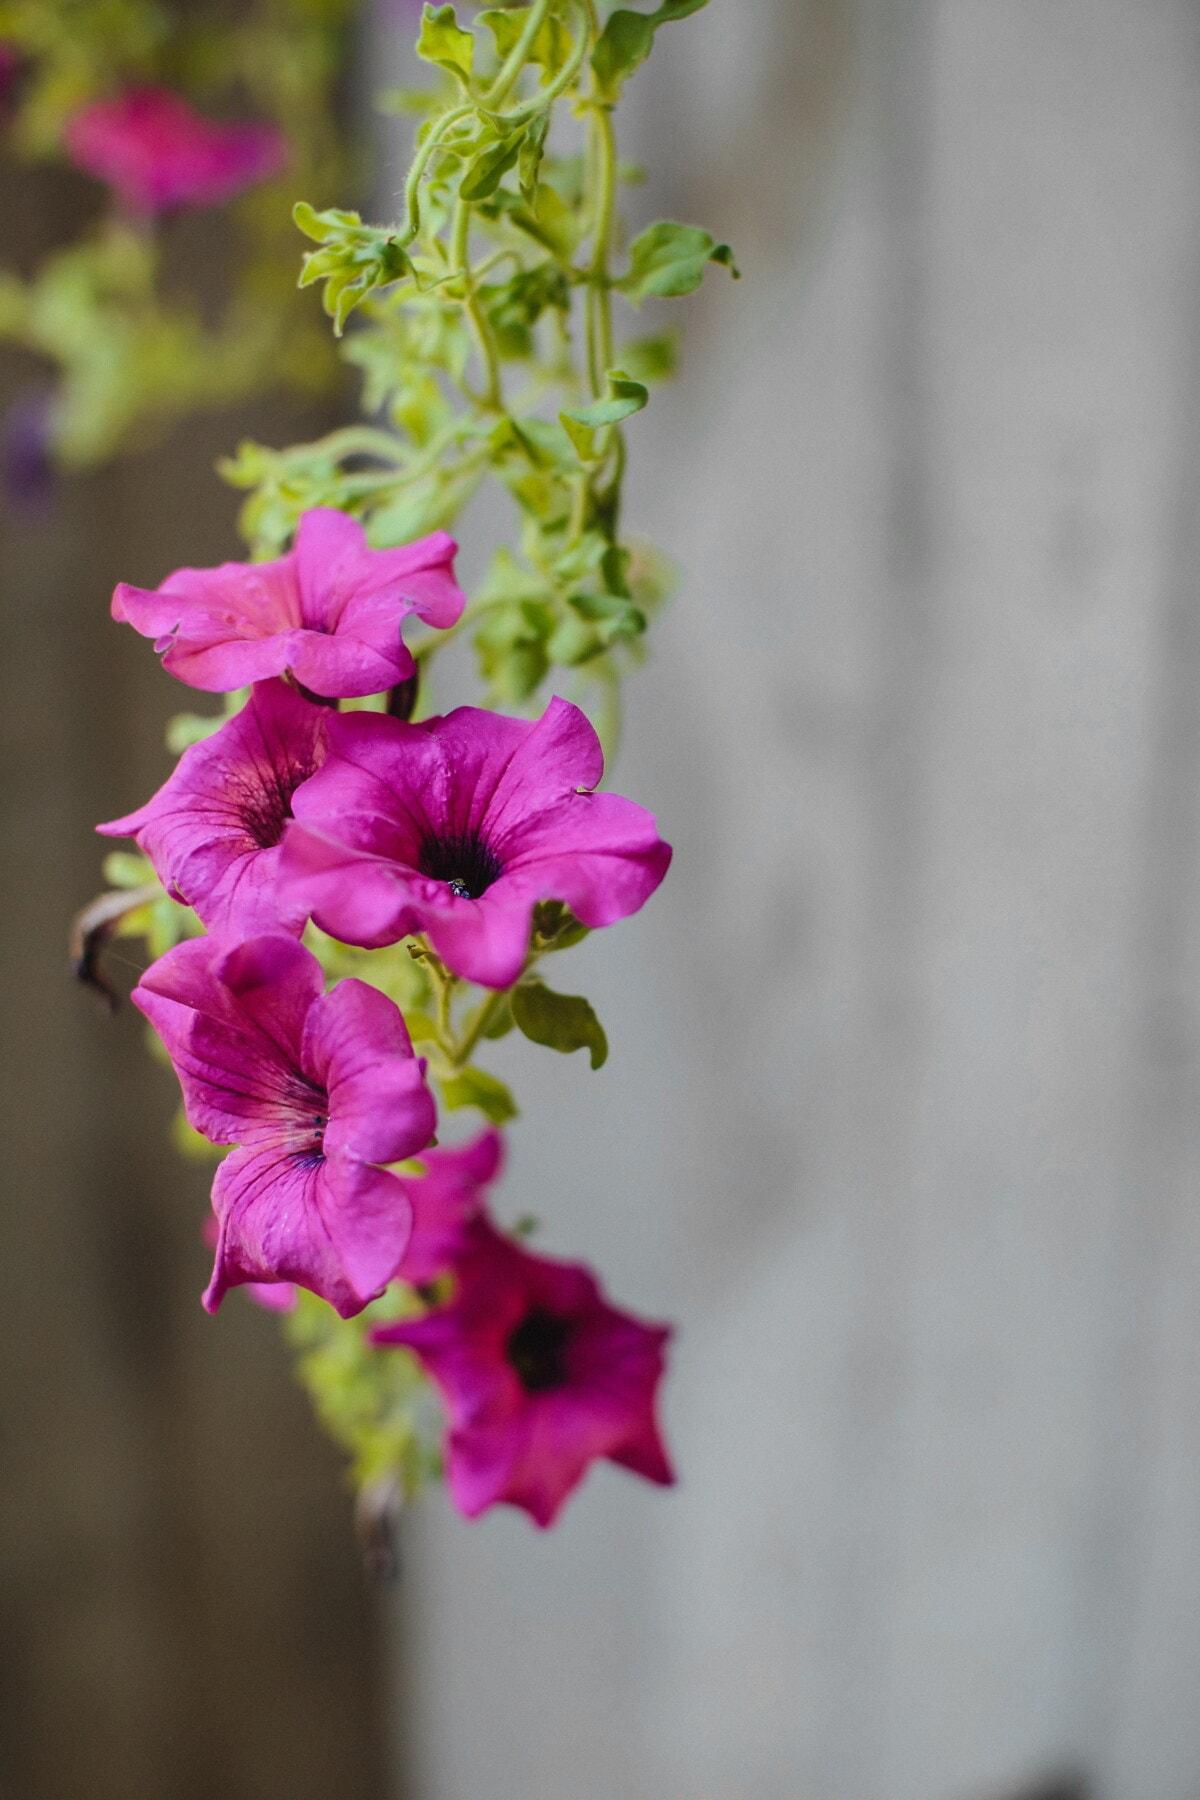 rosâtre, violet, fleurs, flore, fleur, été, feuille, plante, rose, nature